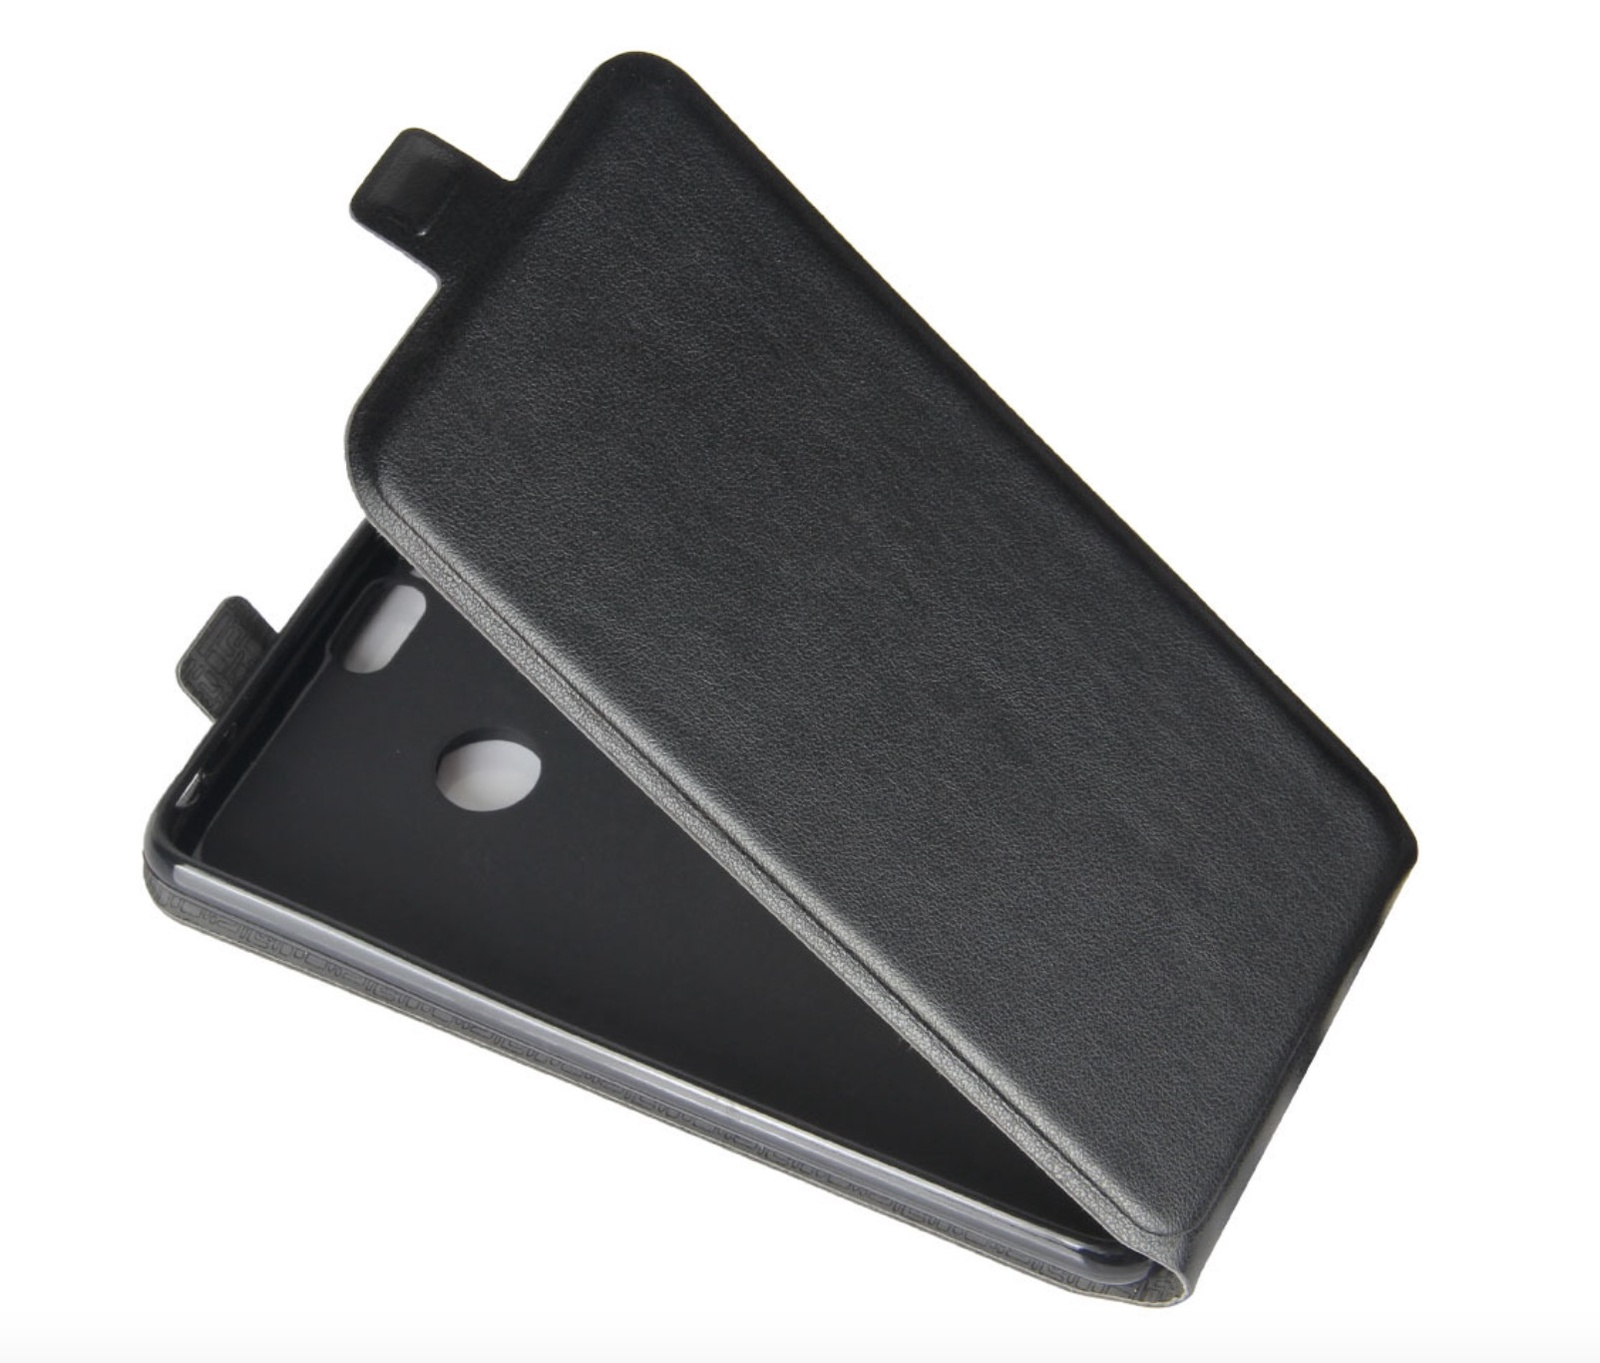 Чехол-флип MyPads для ZTE Blade A610 Plus вертикальный откидной черный gresso чехол крышка gresso для zte blade a610 plus силикон прозрачный